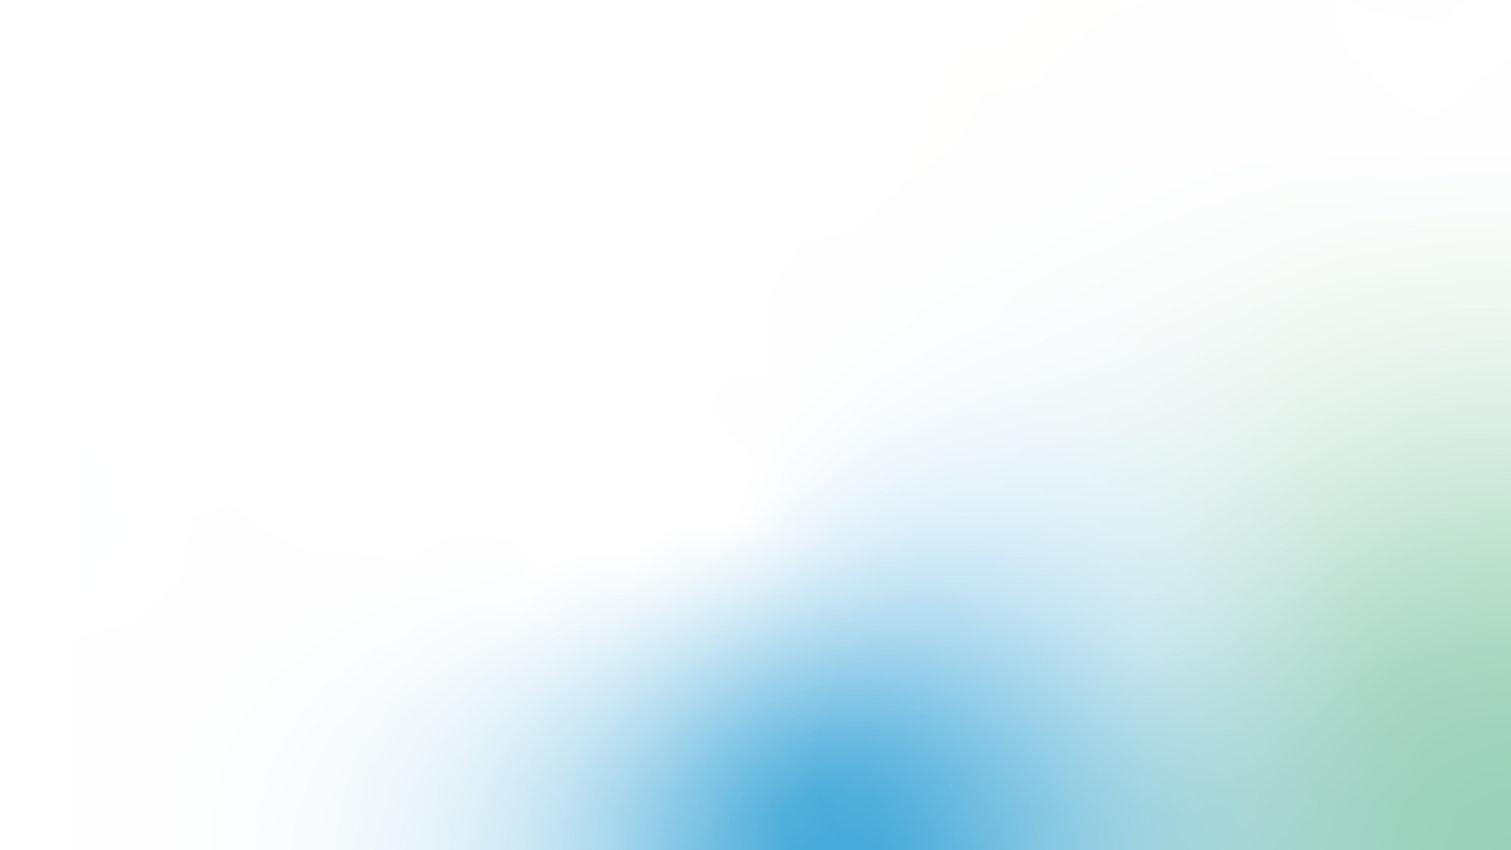 Mind_gradient_3.jpg